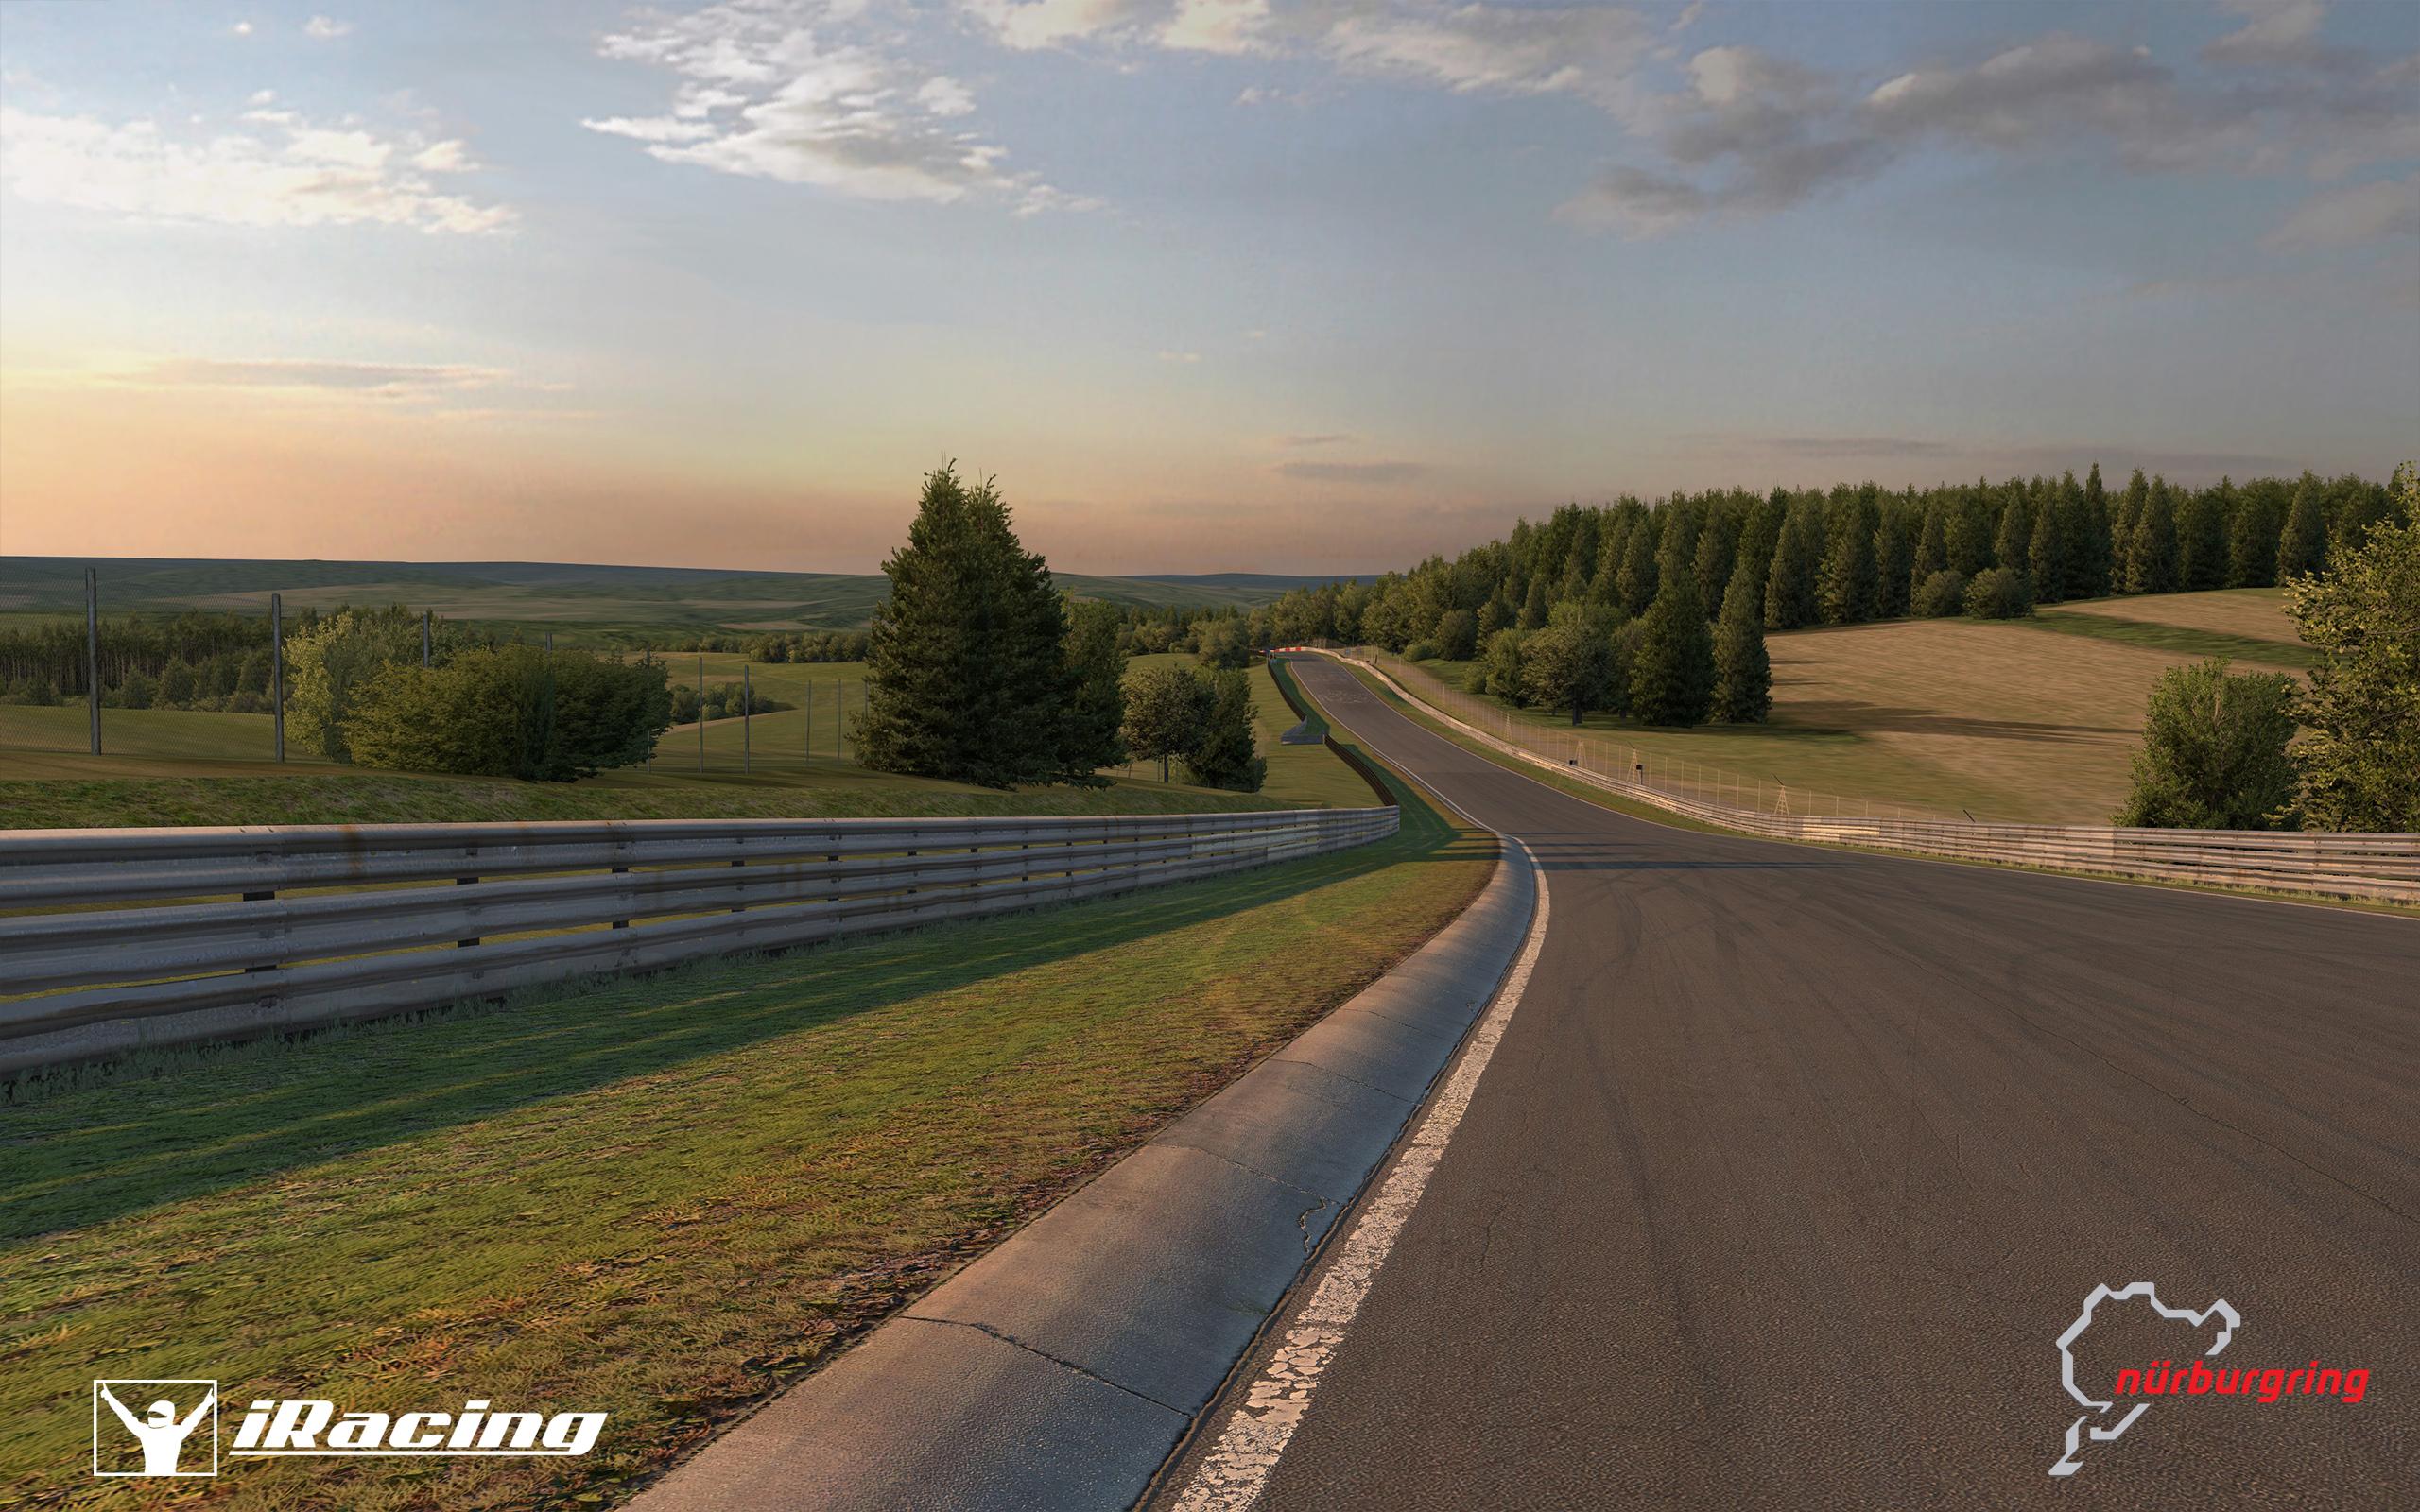 iracing_nurburgring_18